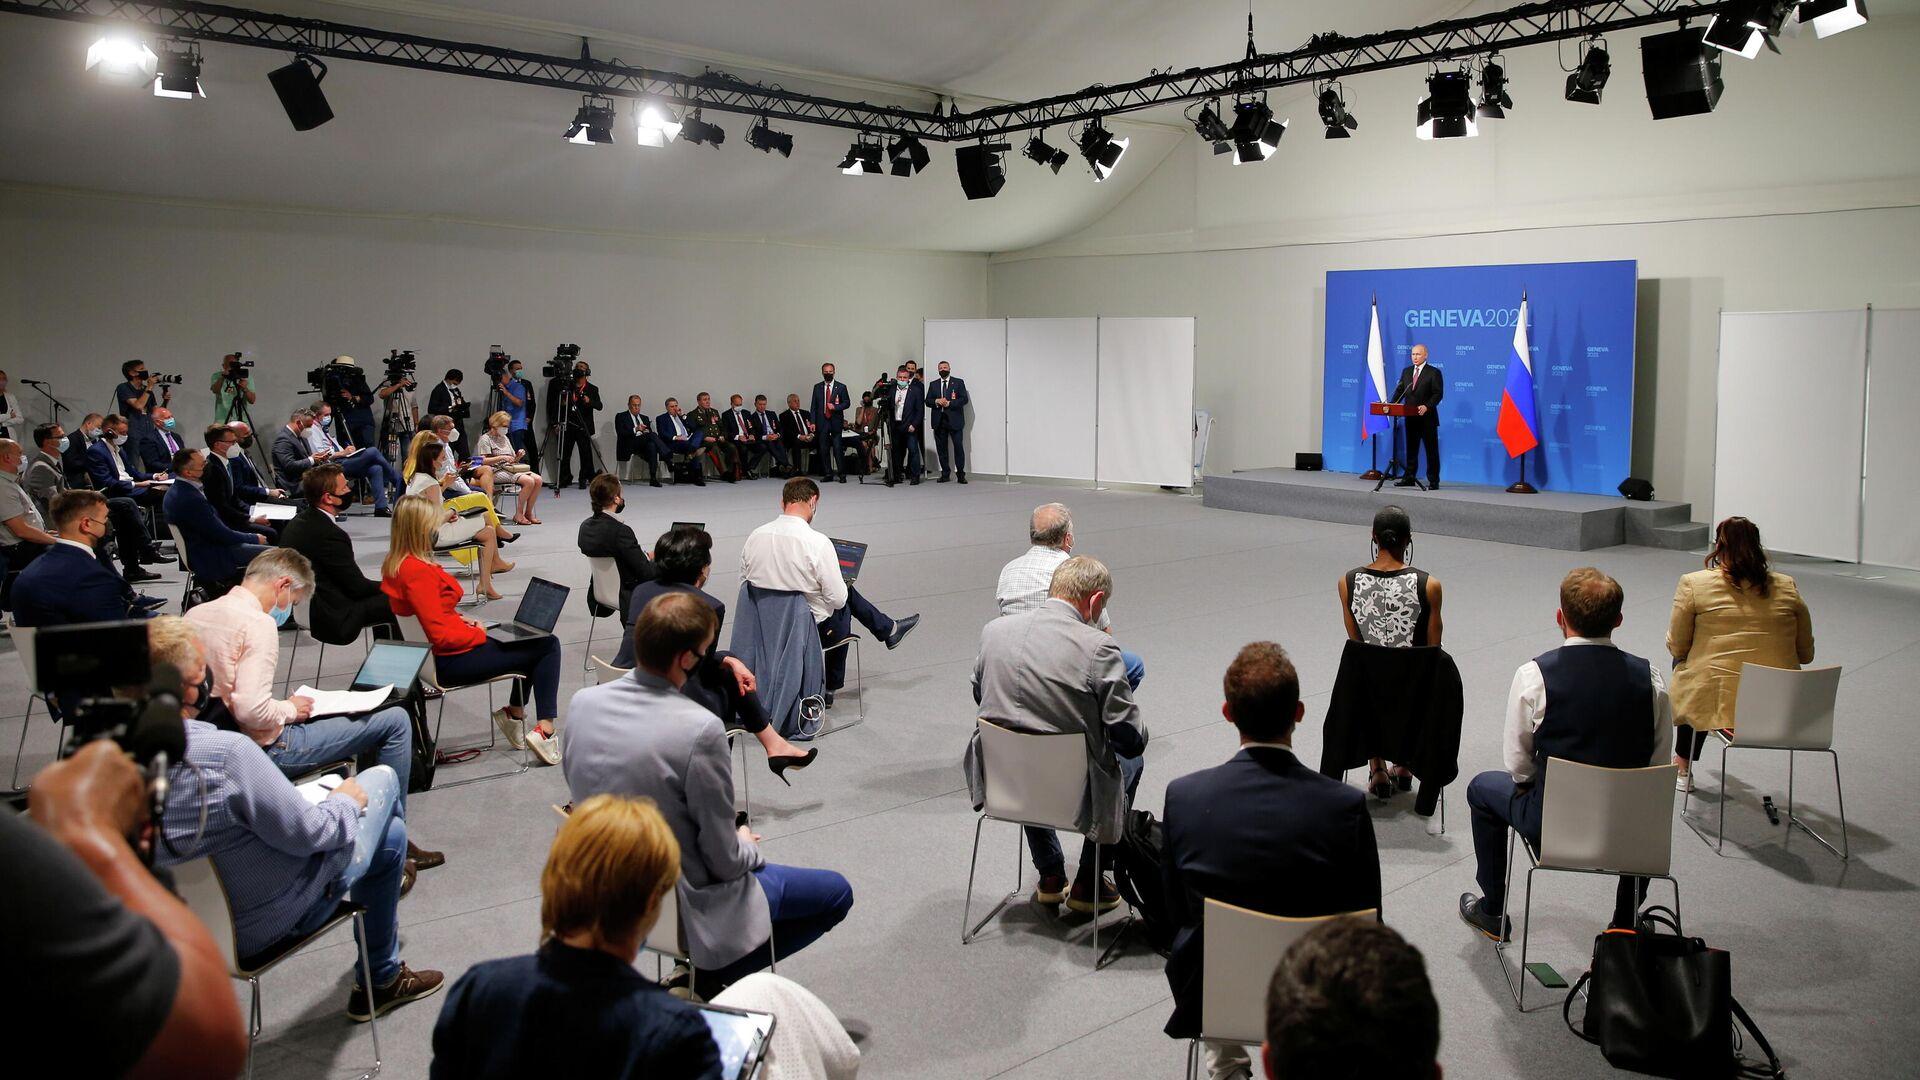 Президент России Владимир Путин на пресс-конференции по итогам переговоров с президентом США Джо Байденом в Женеве - РИА Новости, 1920, 16.06.2021